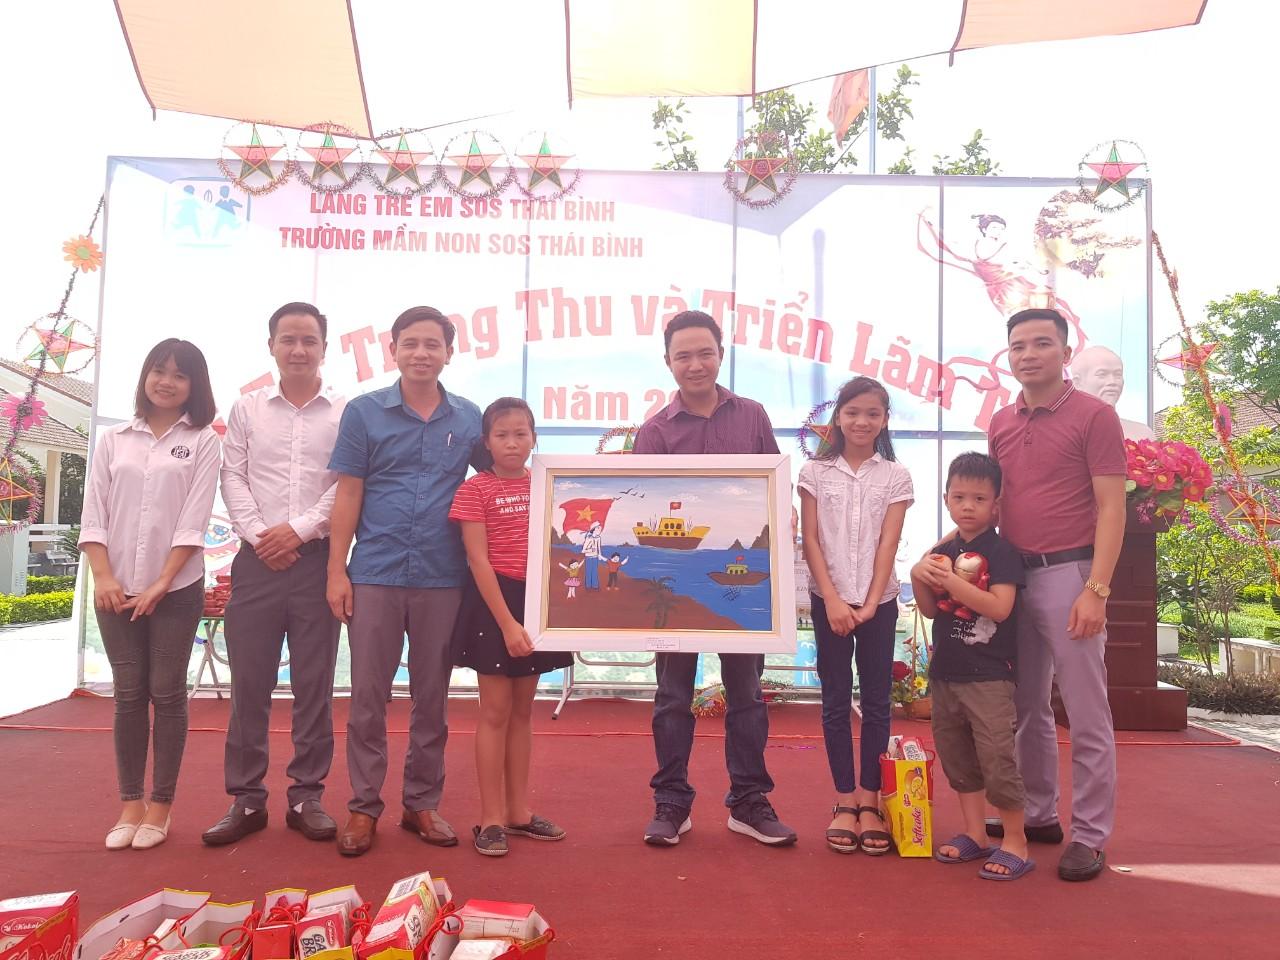 Ban lãnh đạo công ty TNHH Bông Thái Bình tới thăm và tặng quà trung thu cho các bé tại làng trẻ SOS Thái Bình